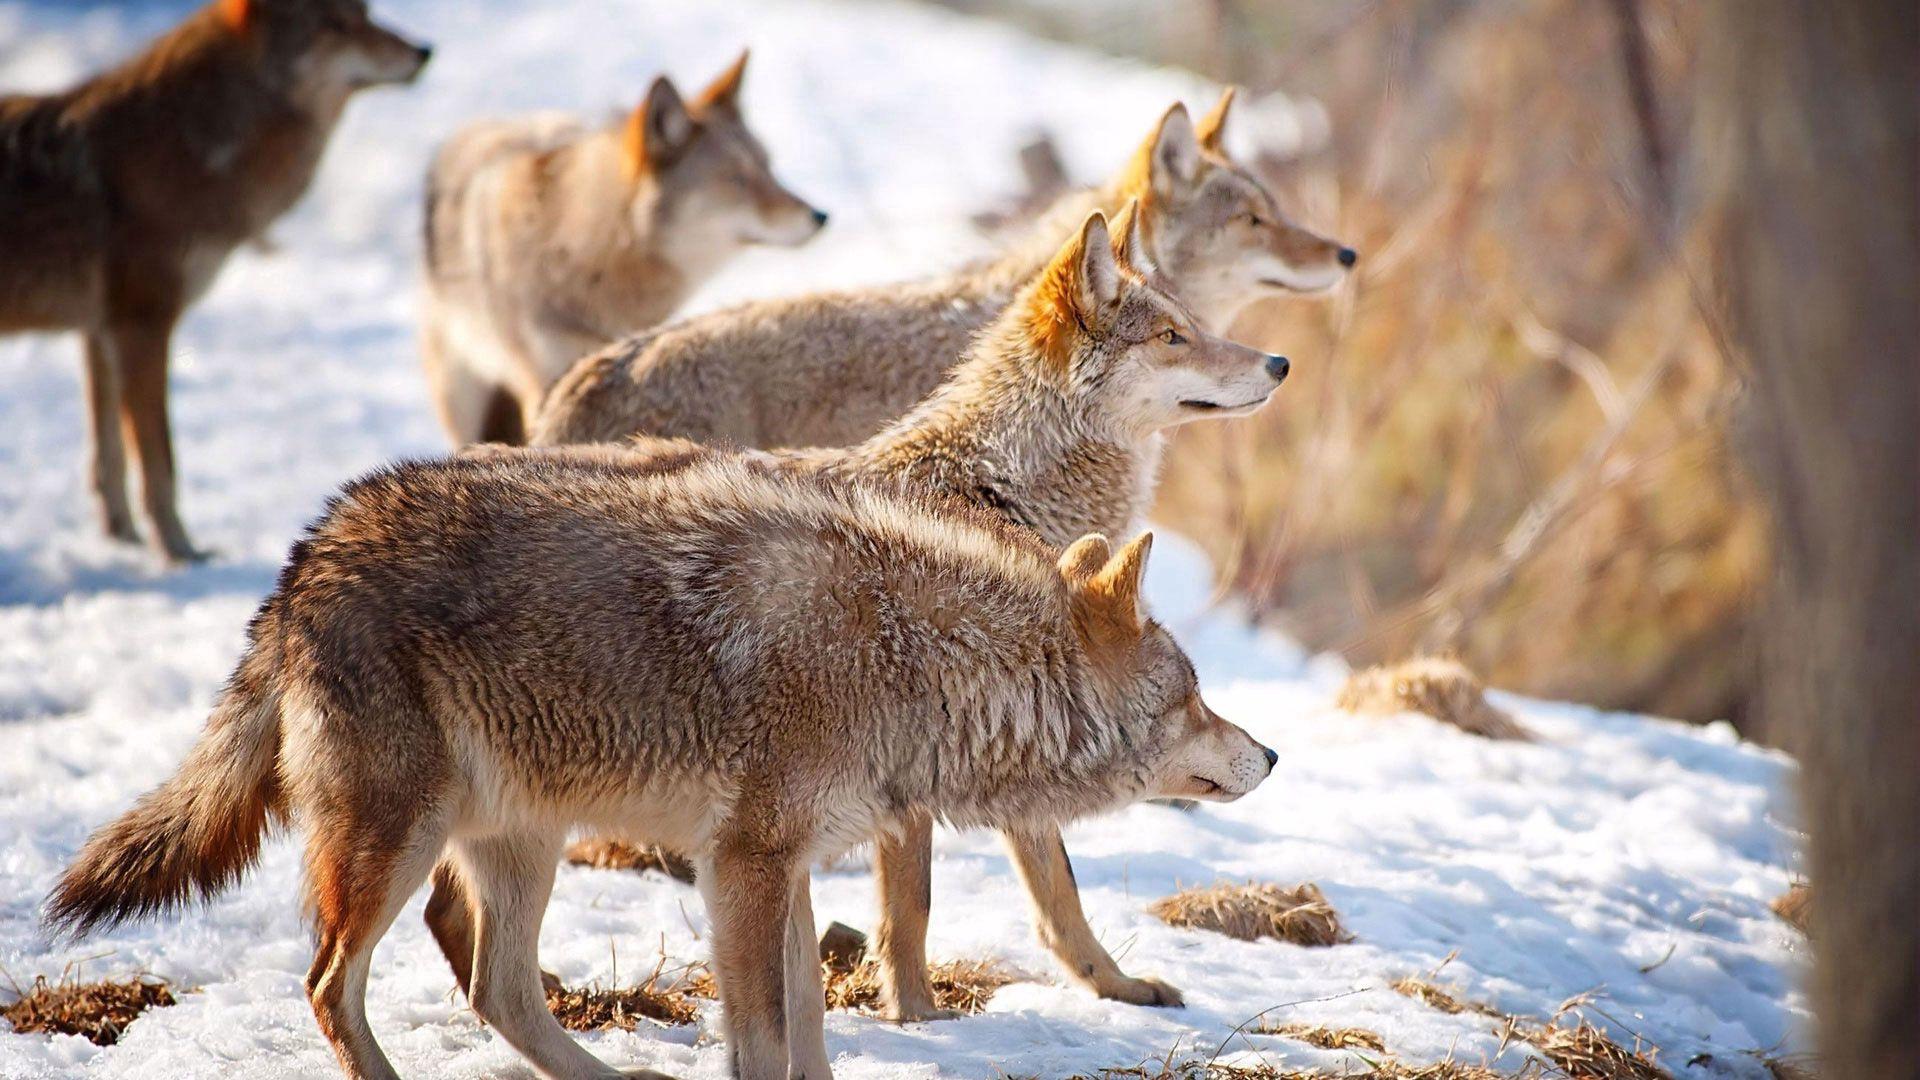 61337 télécharger le fond d'écran Animaux, Loups, Neige, Troupeau, Hiver, Chasse, Chasser - économiseurs d'écran et images gratuitement